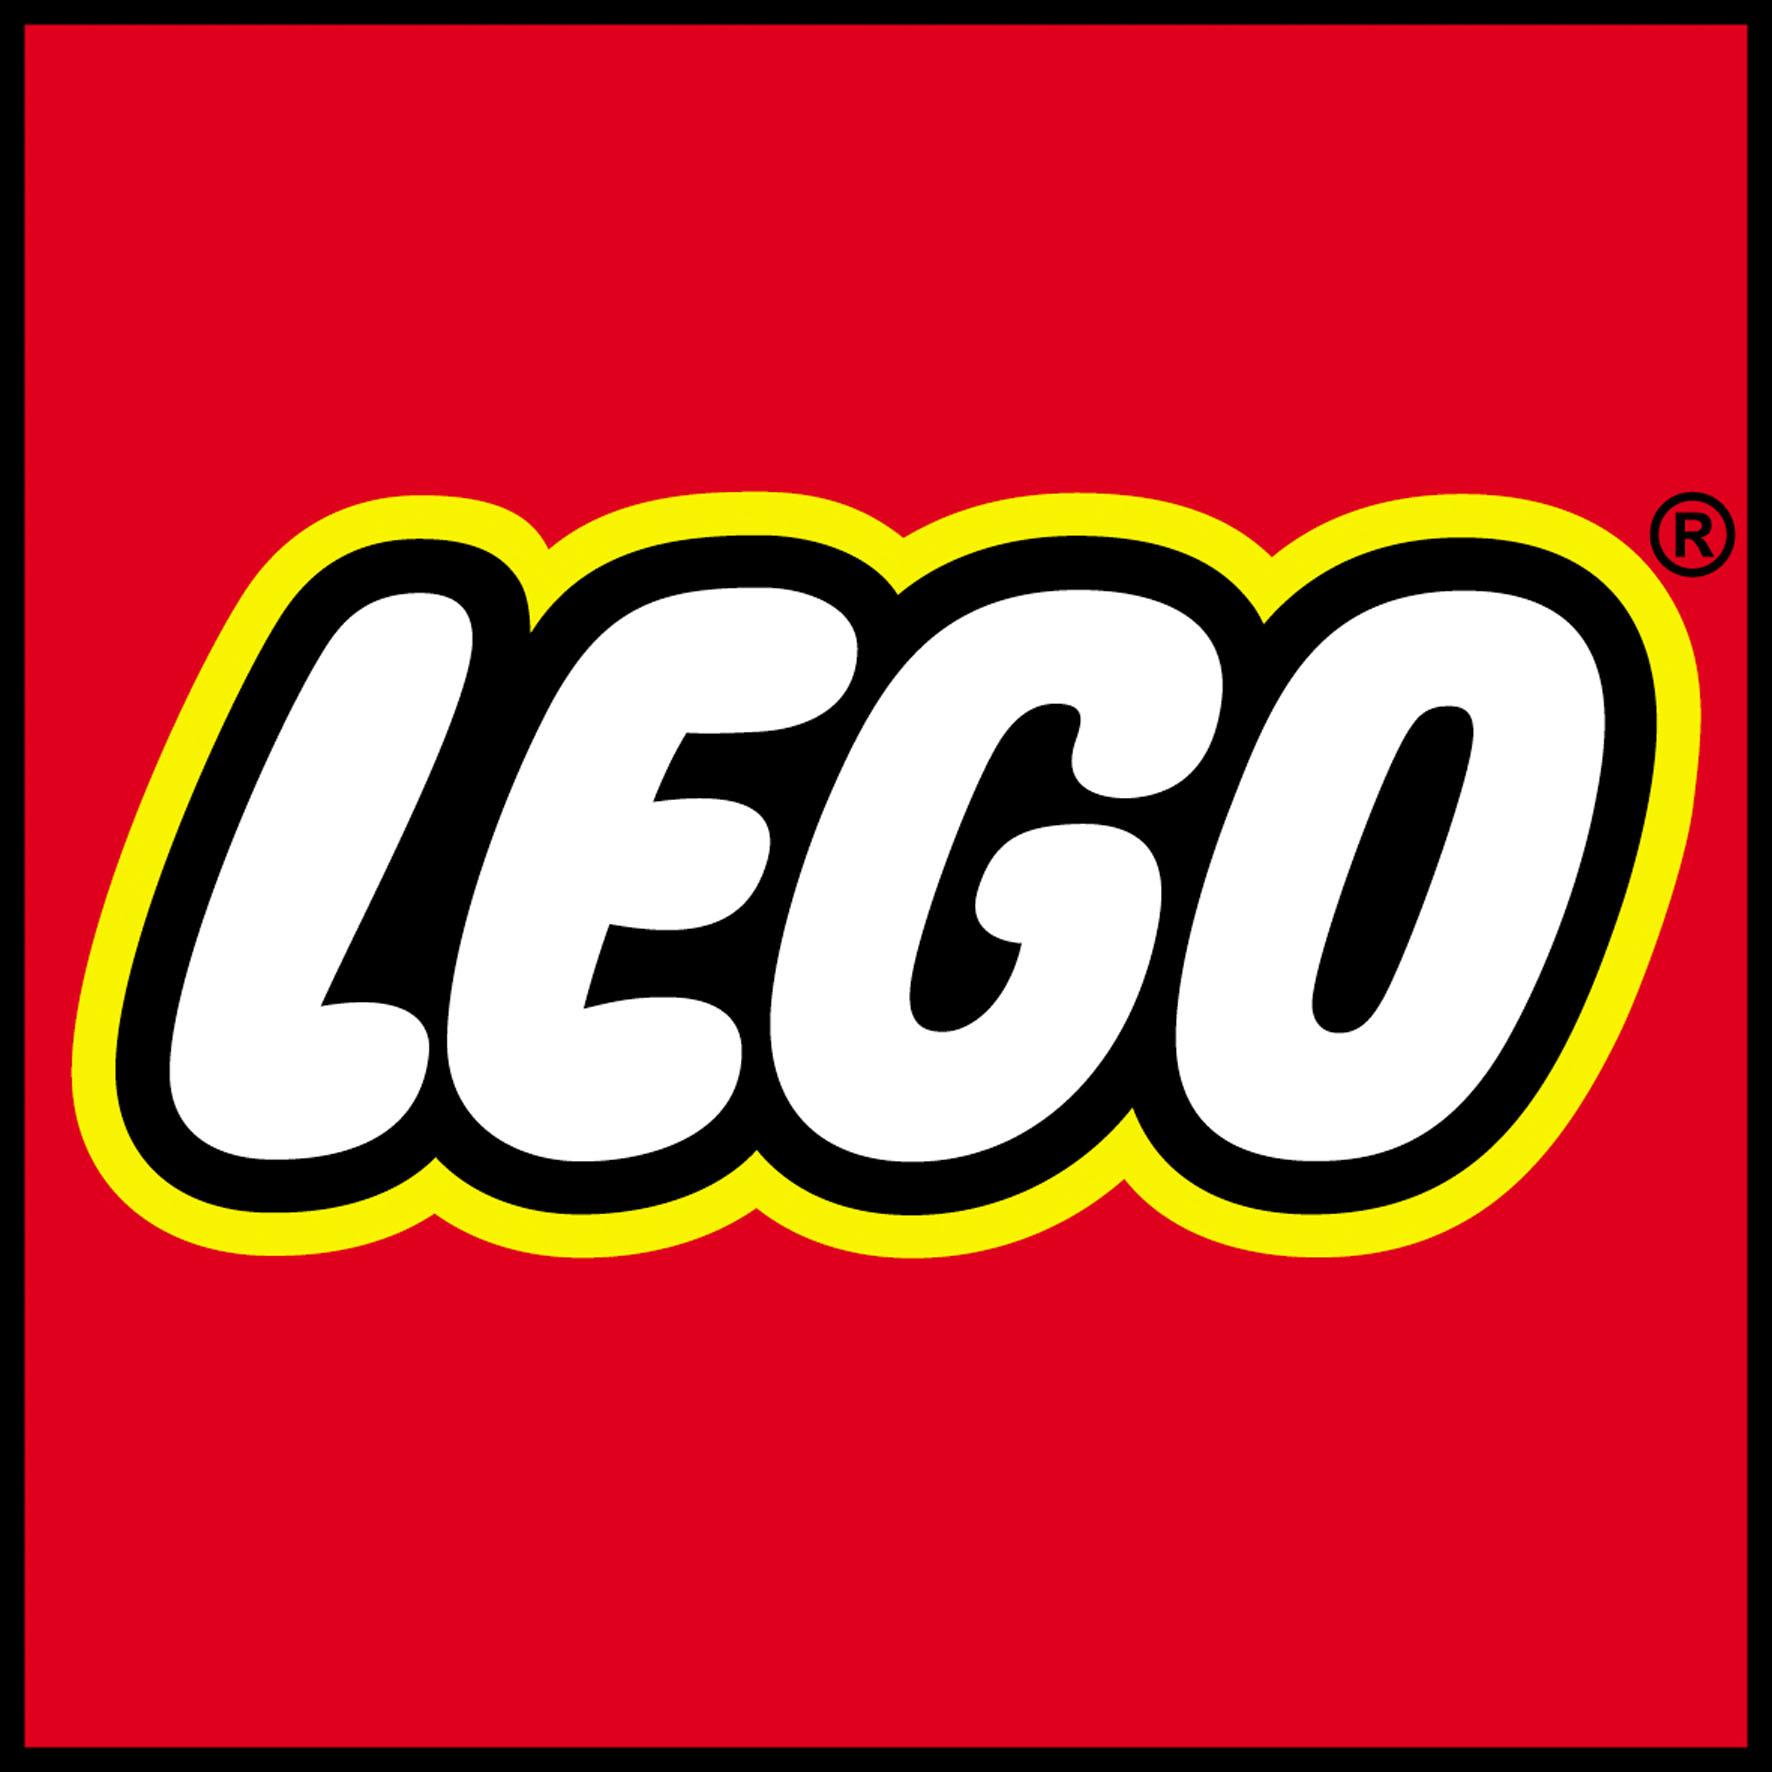 Lego Logo Wallpaper